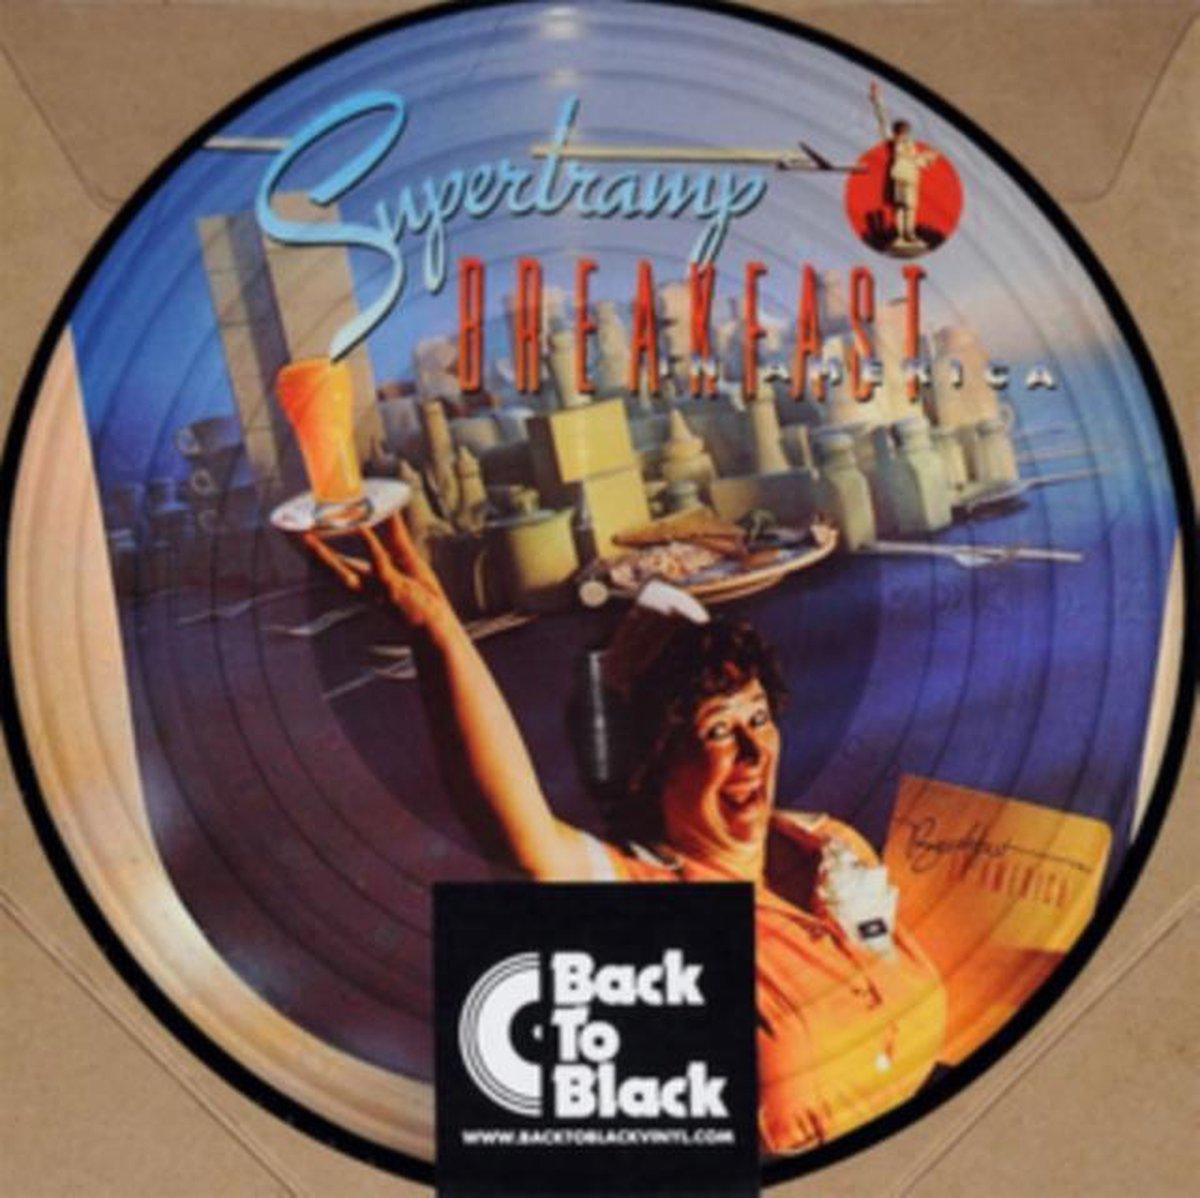 Supertramp - Breakfast In America (LP) - Supertramp